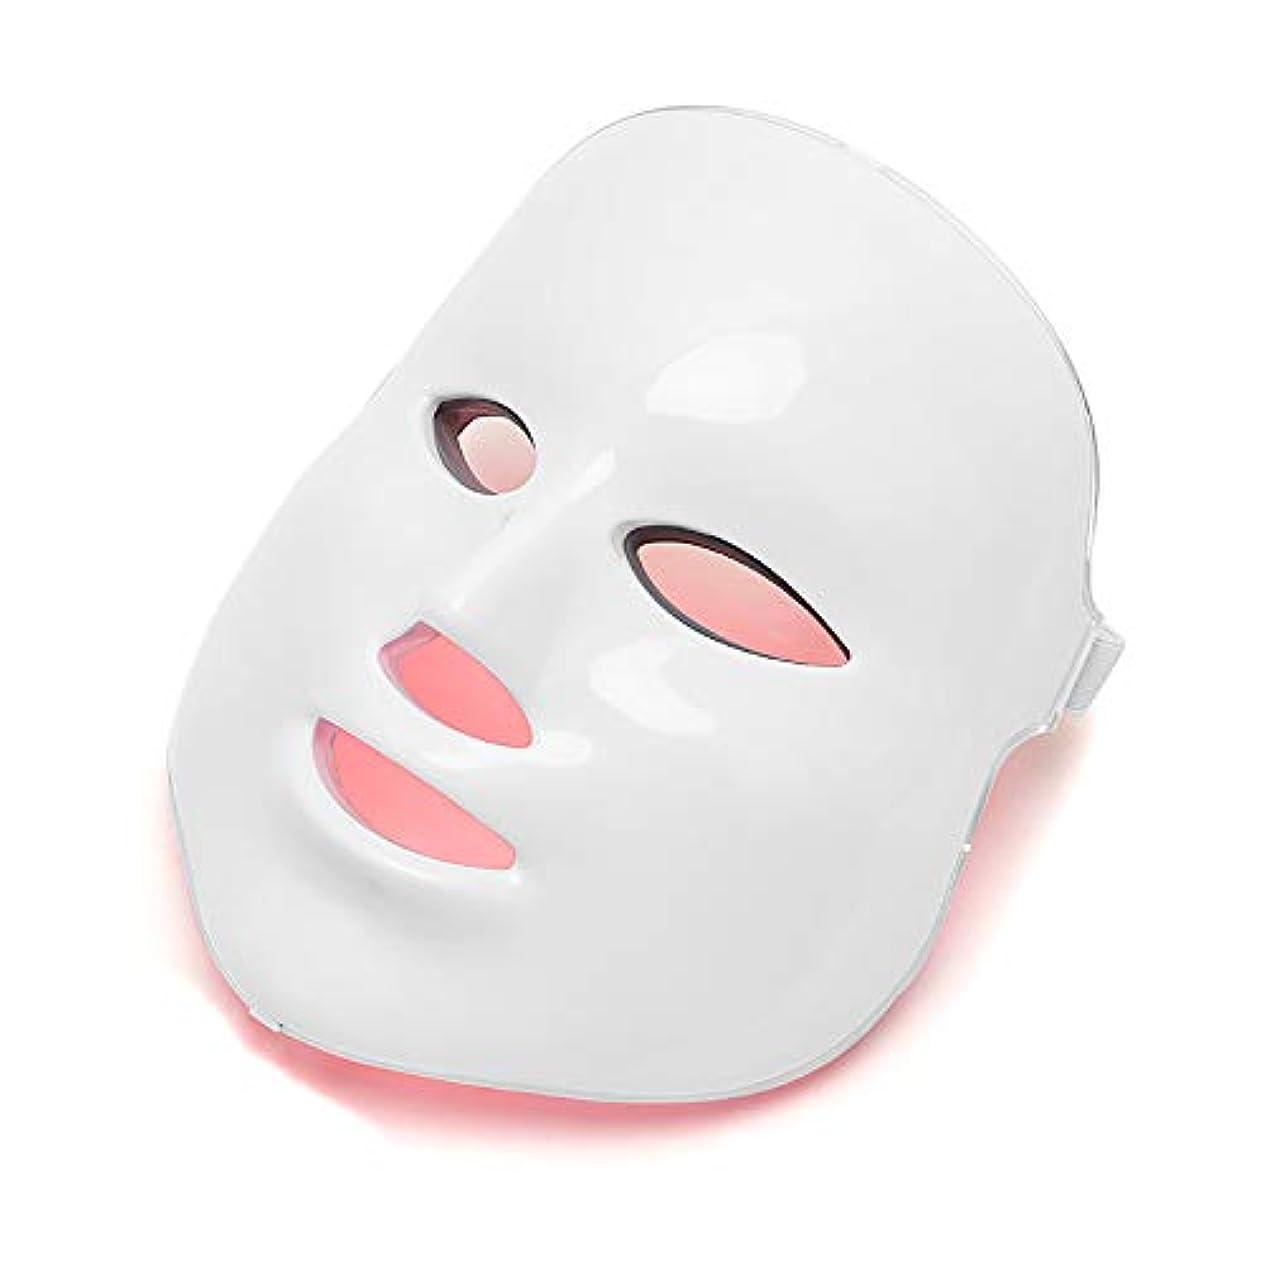 透明に長々と成熟フェイス光線療法フェイシャルスキンケアマスクLED 7色フェイシャルマスク、スキントーニングしわのためのLEDライトは調色、しわにきび治療を締め付け、アンチエイジングを削除します